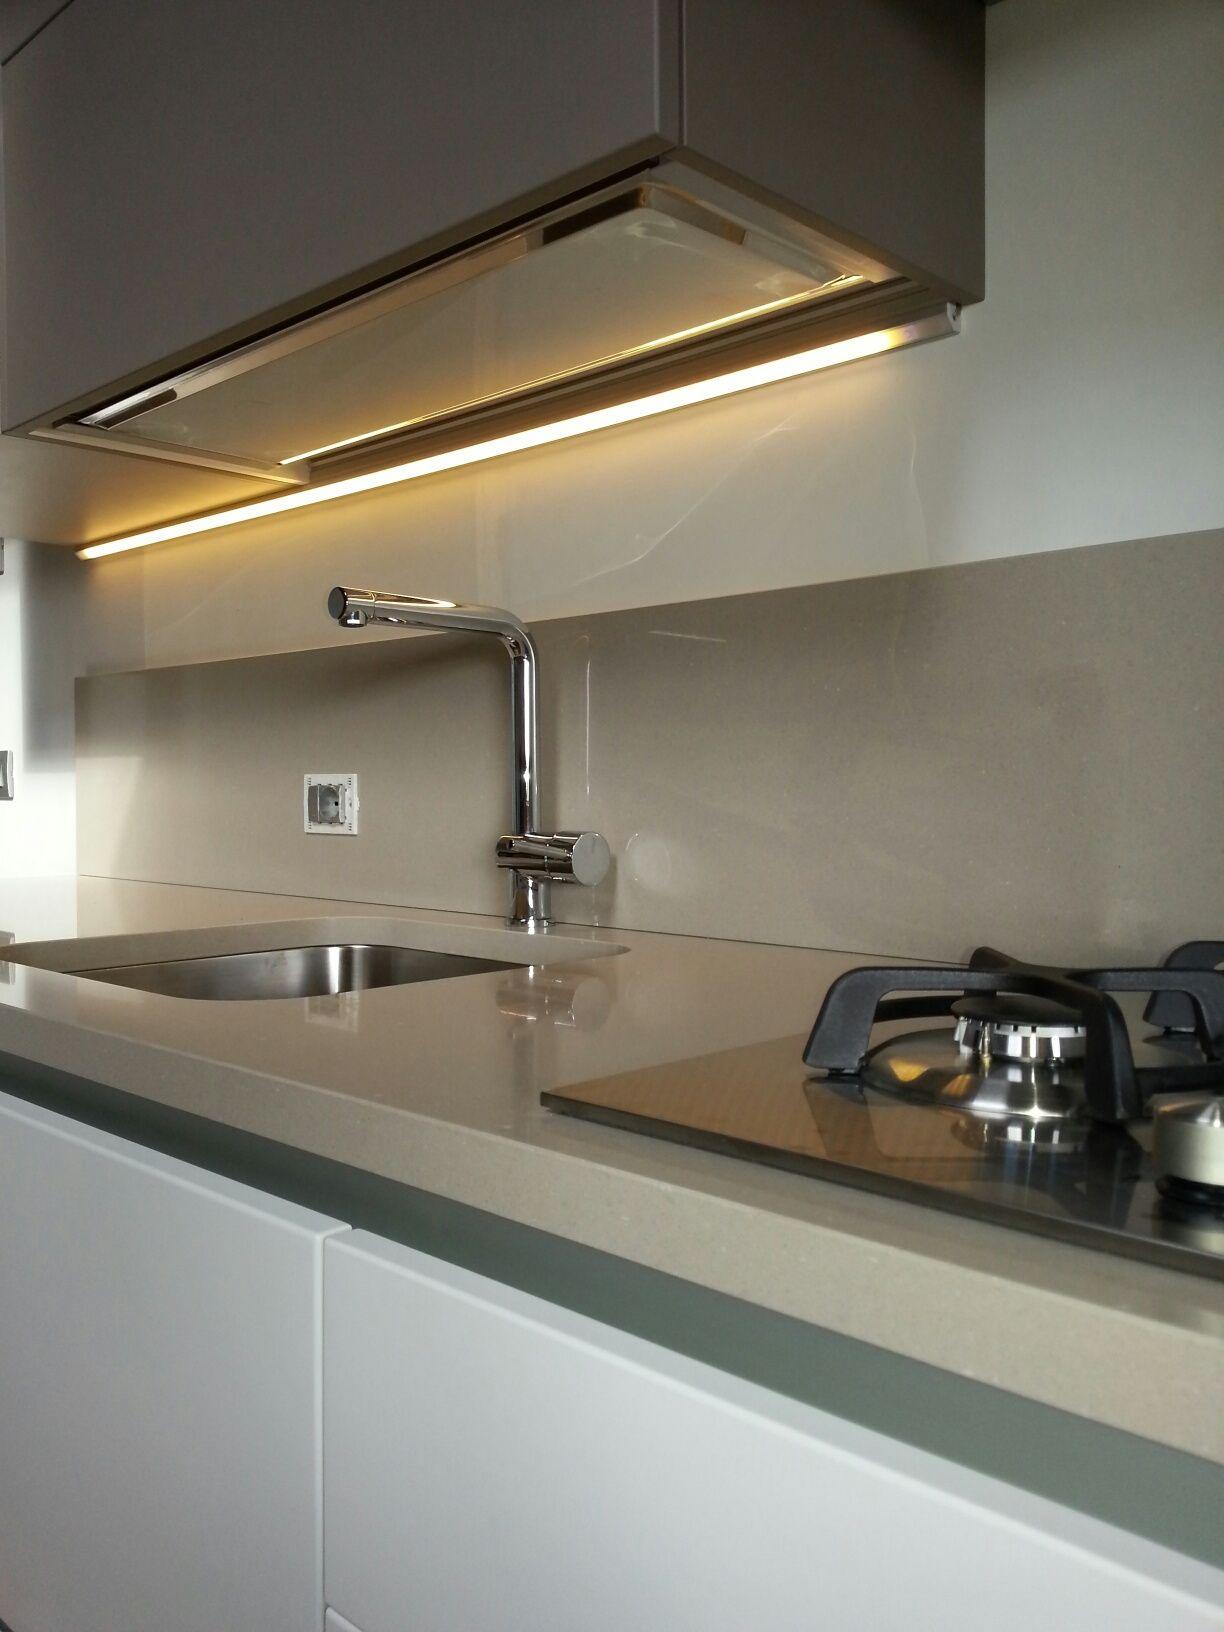 Illuminazione LED sotto pensile cucina. Realizzata della ...